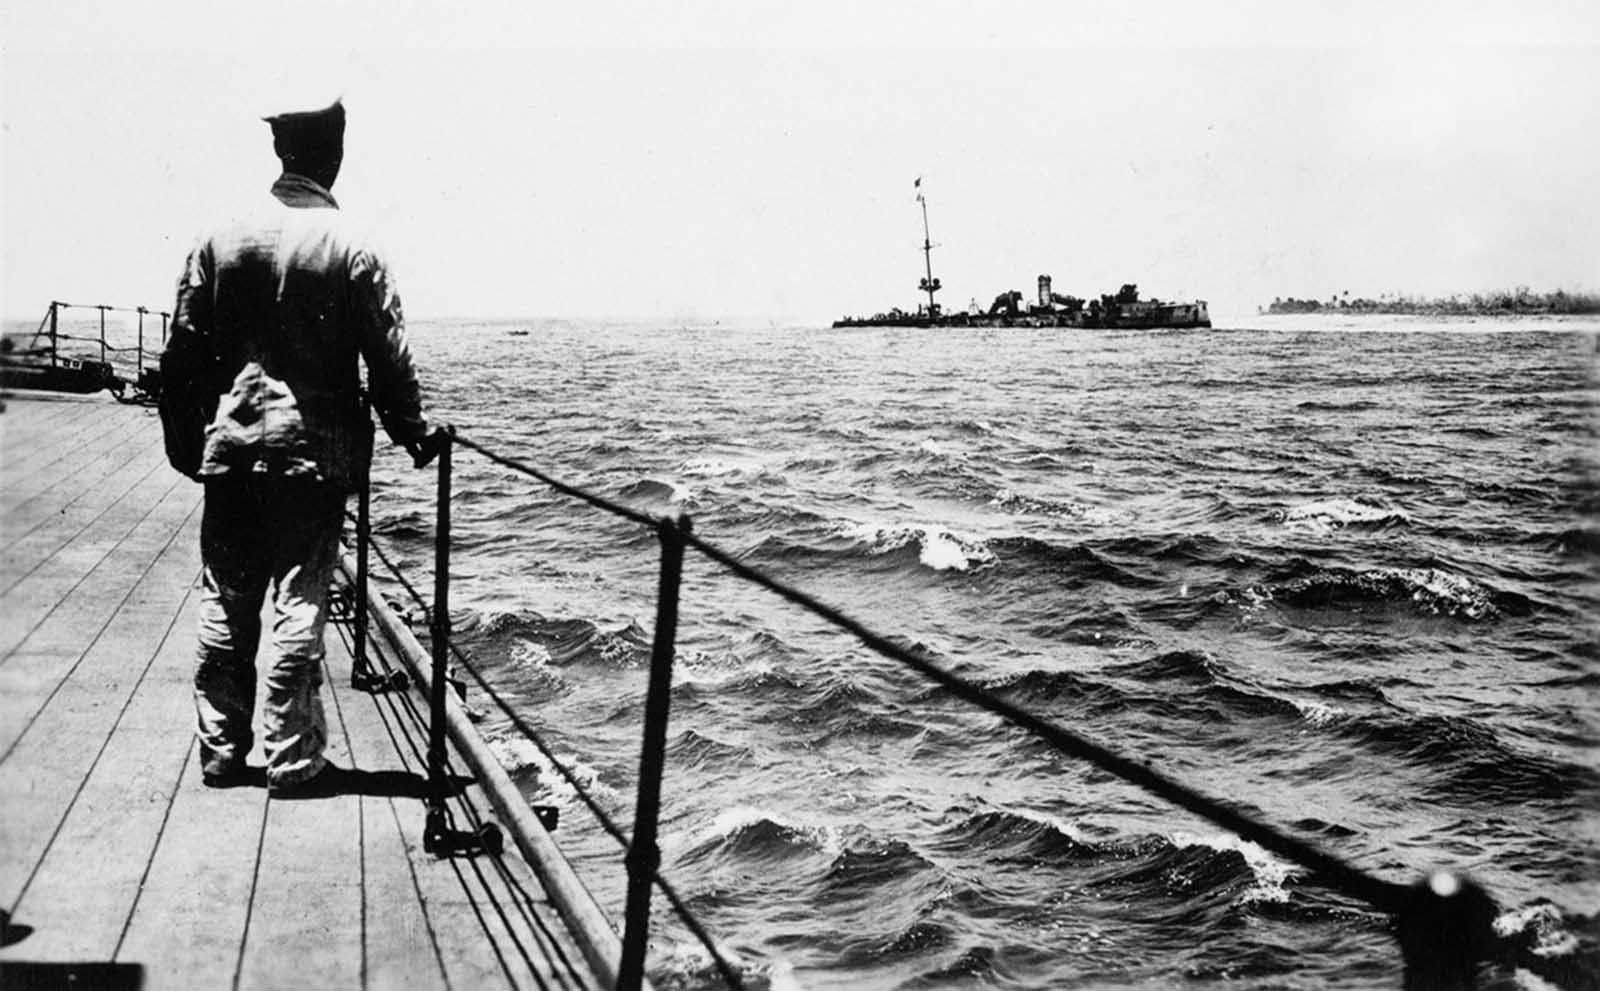 Az Emden, a német Keresz-Ázsia század egyik része, az Emden, a német kelet-ázsiai század része, 1914 októberében egy malacsi Penangban egy orosz cirkálót és egy francia rombolót támadott meg és süllyedt el. Az Emden ezután elindult. elpusztítani egy brit rádióállomást az Indiai-óceán Cocos-szigeten.  A raid alatt a HMAS Sydney ausztrál cirkáló megtámadta és megsértette az Emden-t, és arra kényszerítette, hogy földre szálljon.